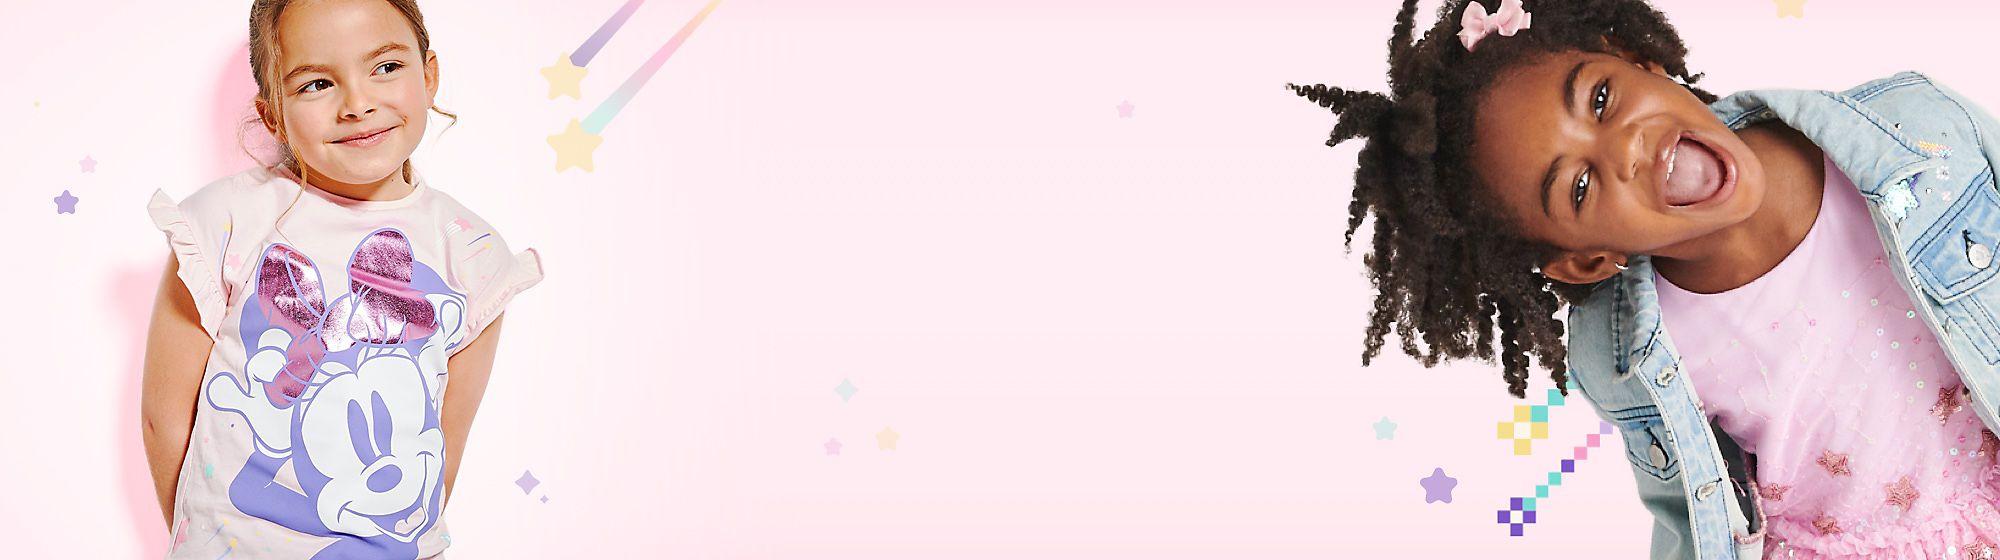 Minnie Mouse Mystical Réalisez des vœux tout en douceur avec cette collection magique aux tons pastel et empreinte de mysticisme